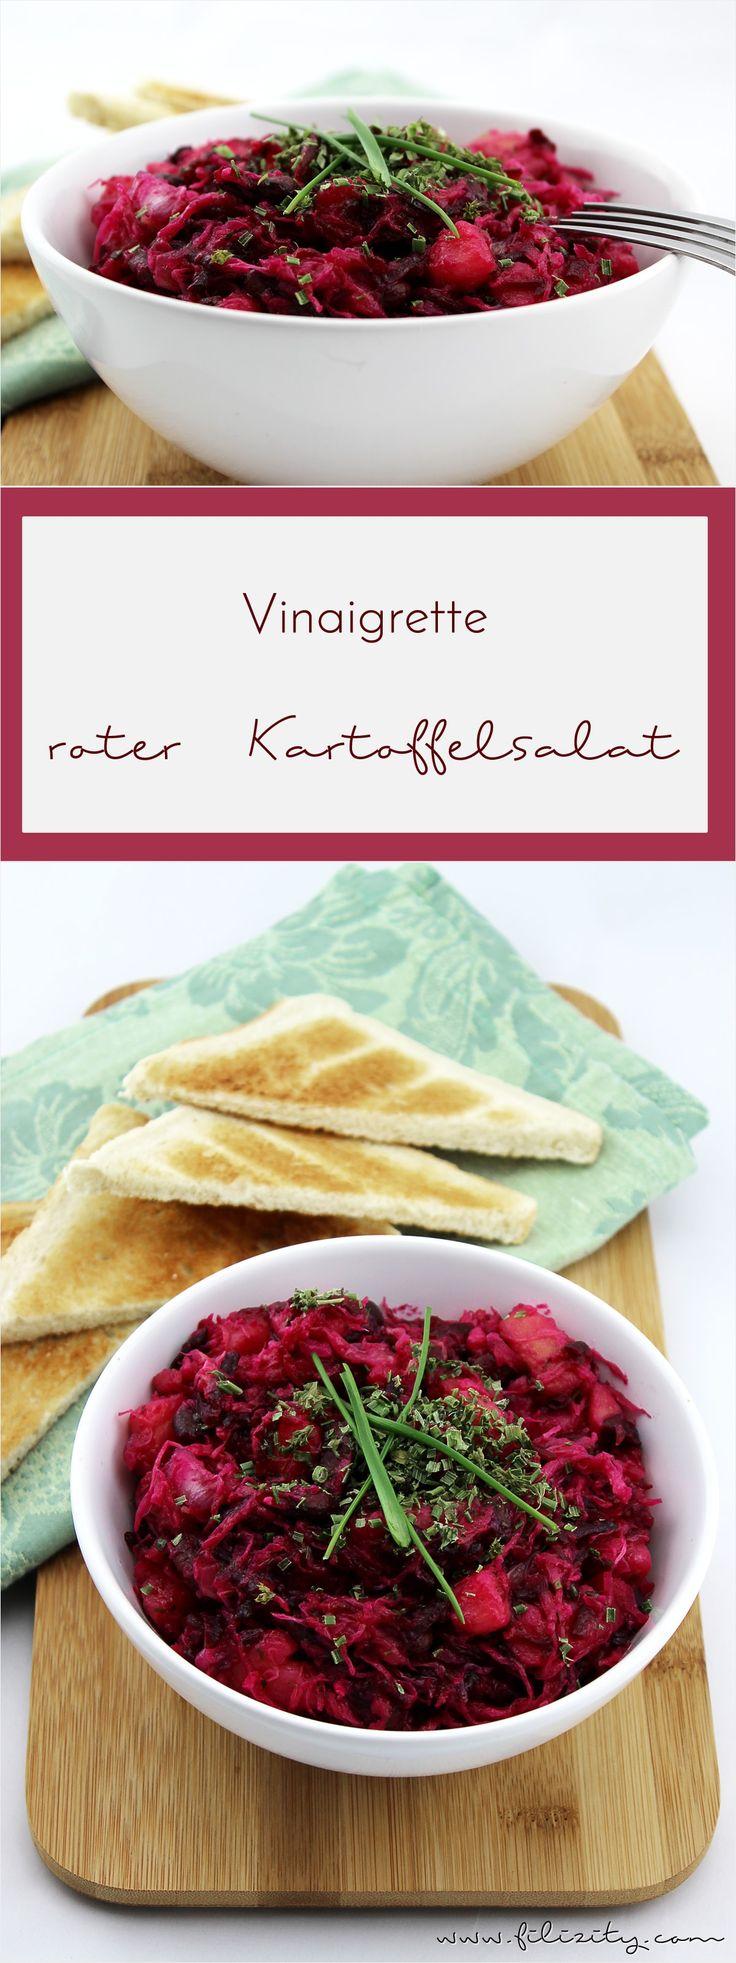 Perfekt für's (Silvester-) Party-Buffet: Vinaigrette - knallroter Kartoffelsalat #rezept #party #silvester #buffet #salat